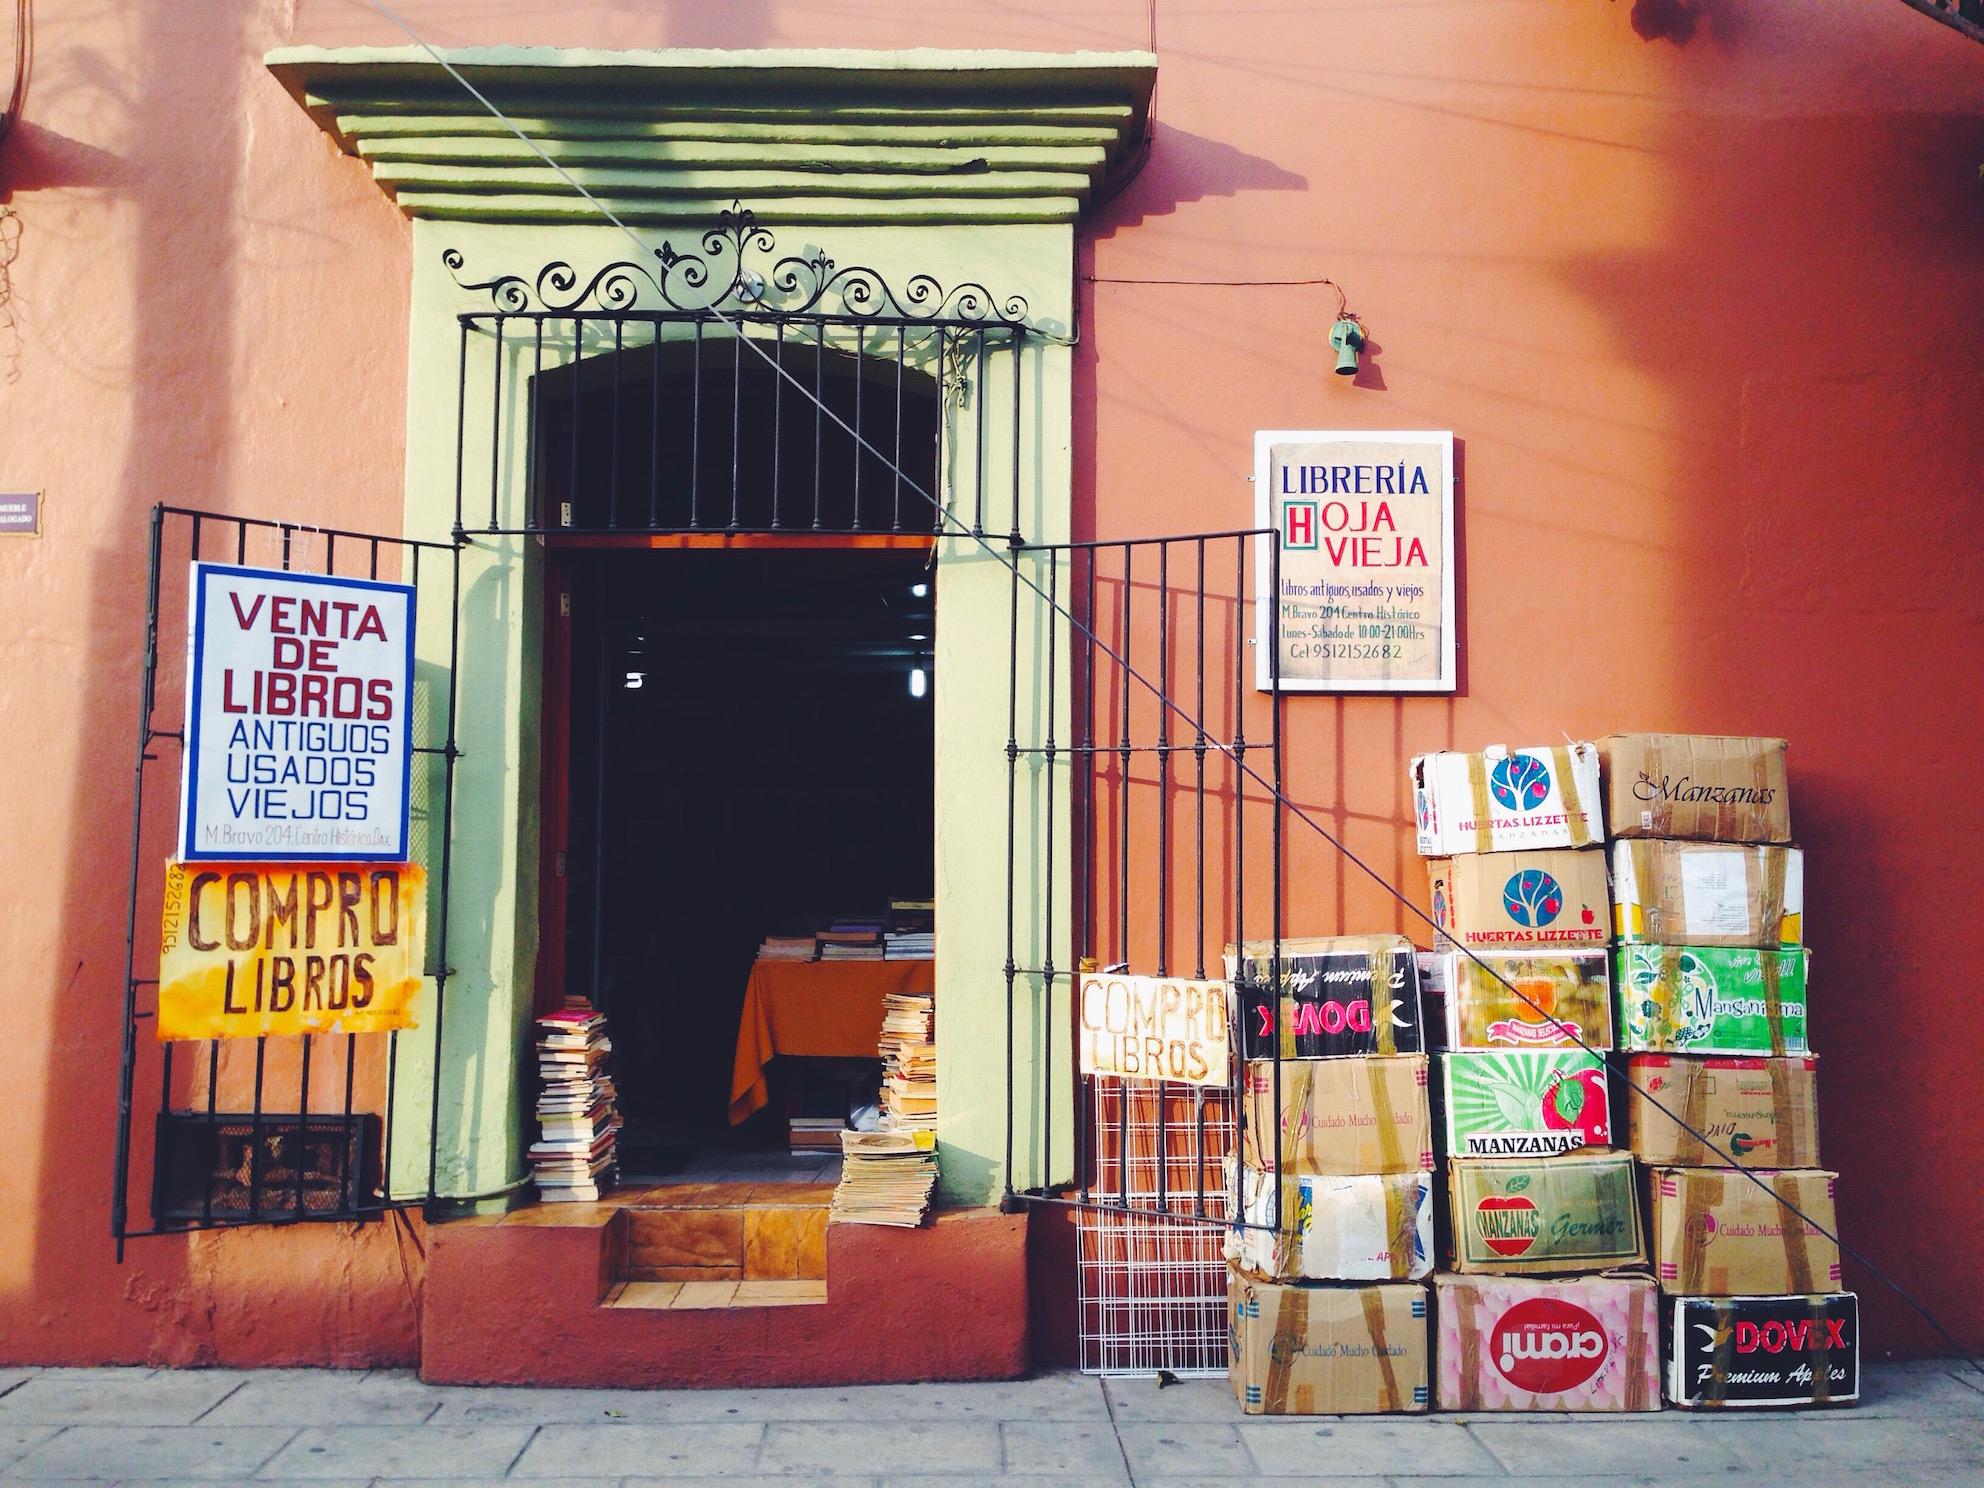 Itinerario di due settimane in Messico - Oaxaca - Libreria